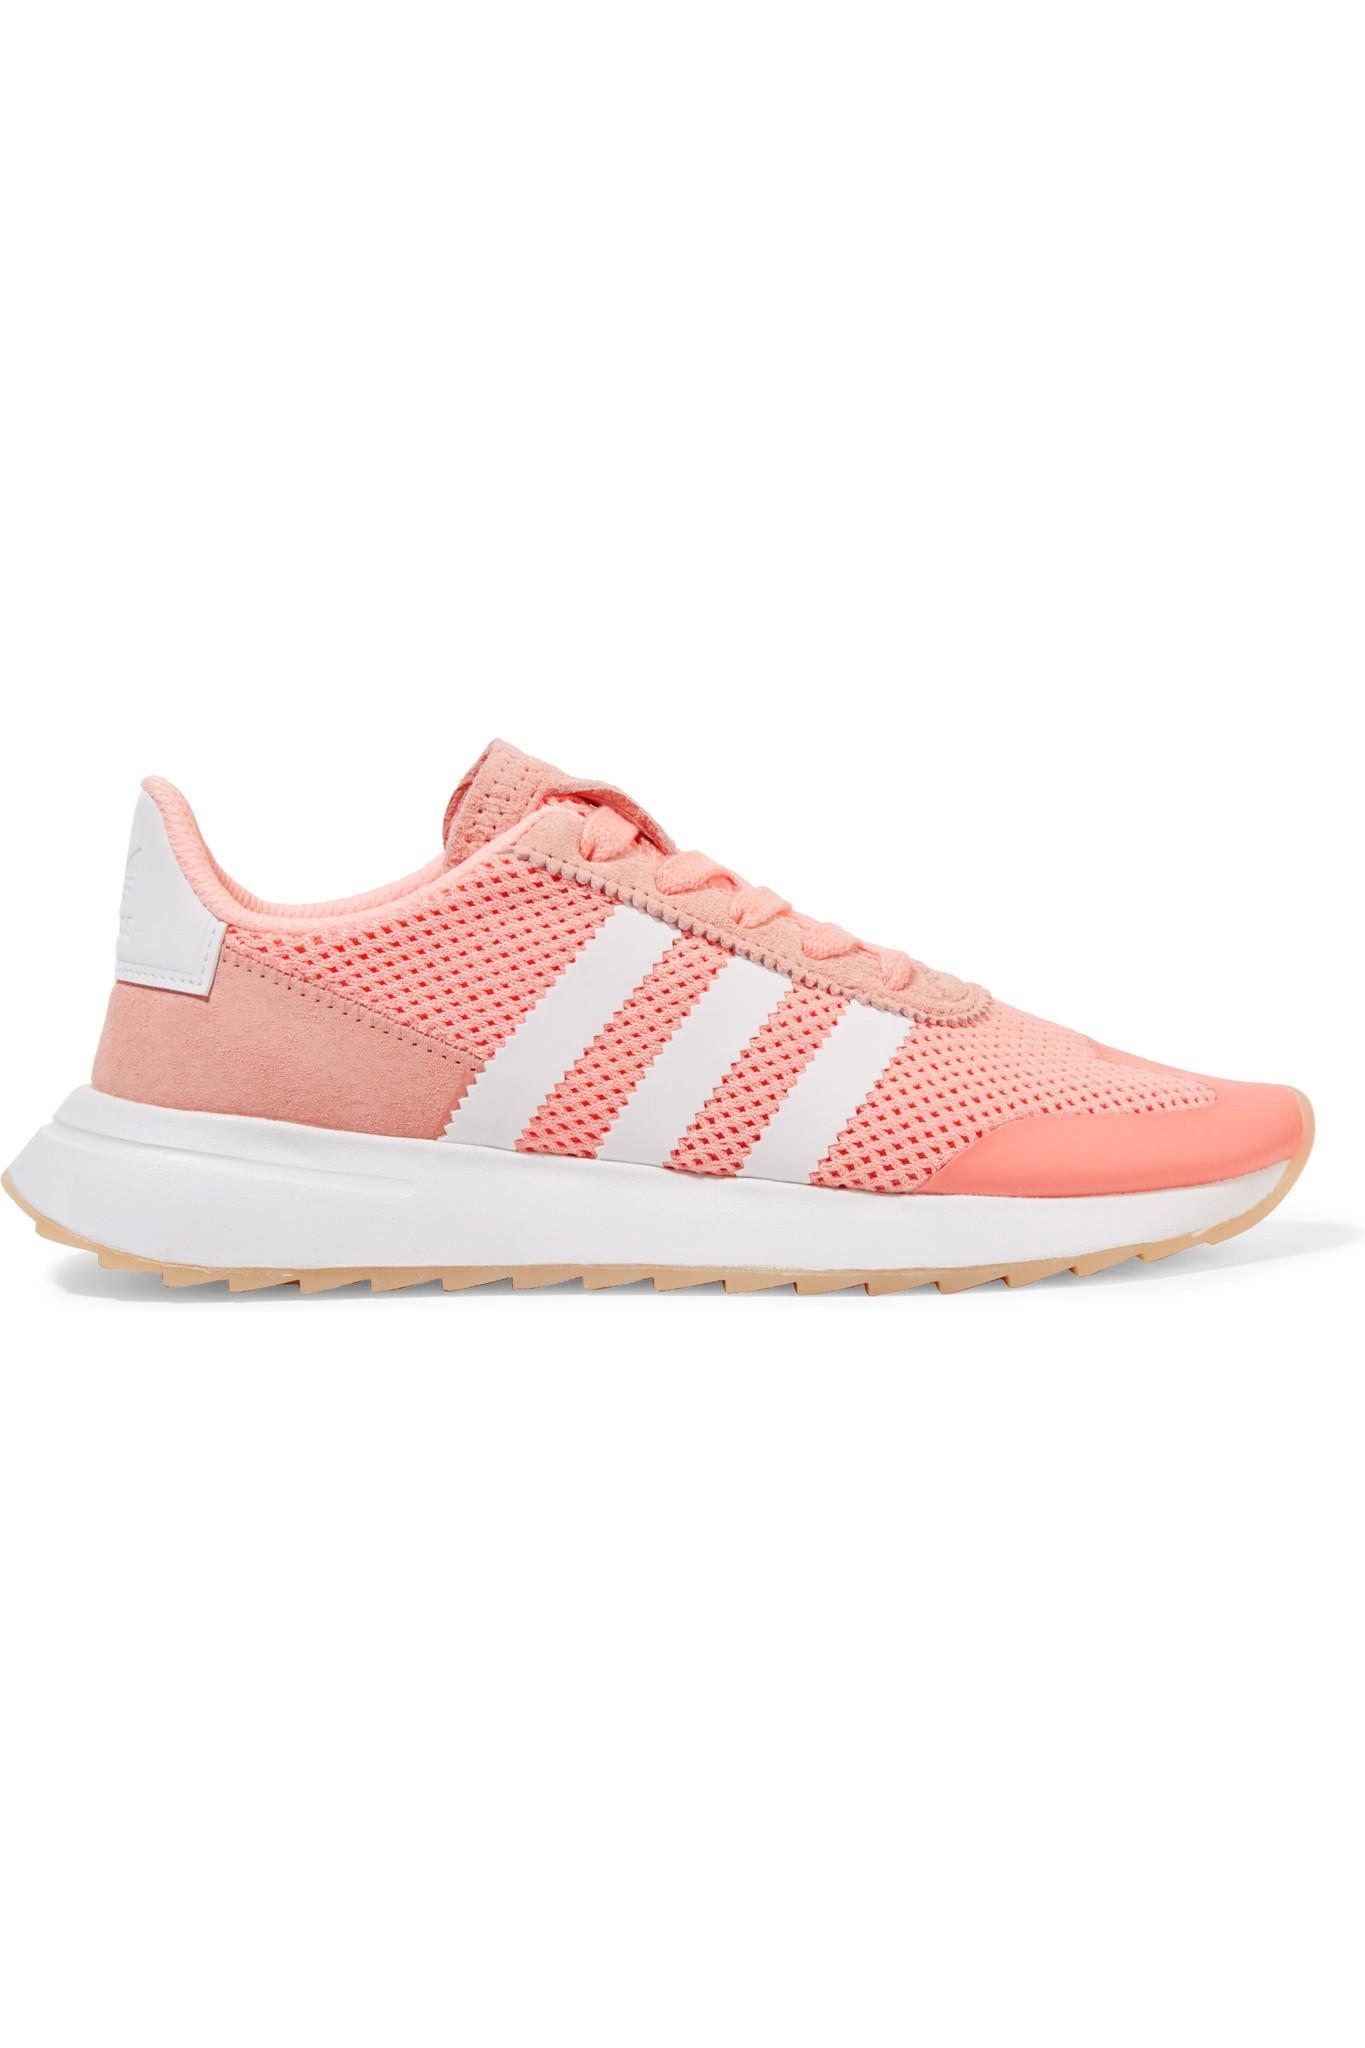 lyst adidas flashback delle scarpe rosa camoscio potato